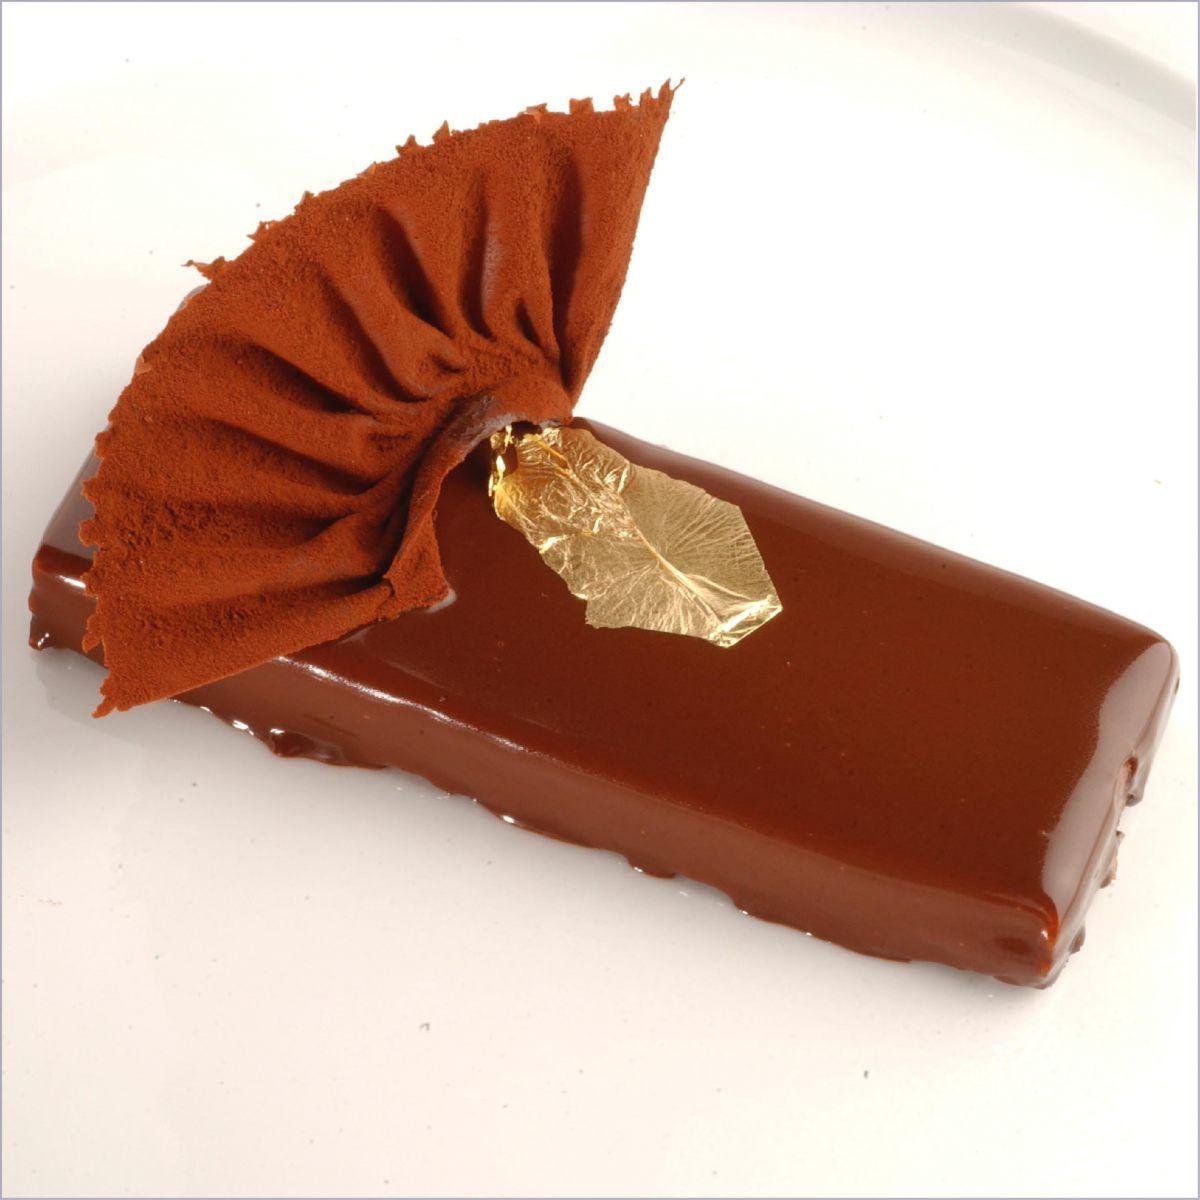 Louis Xv Au Croustillant De Pralin Par Alain Ducasse Recette Dessert Chocolat Recette Chocolat